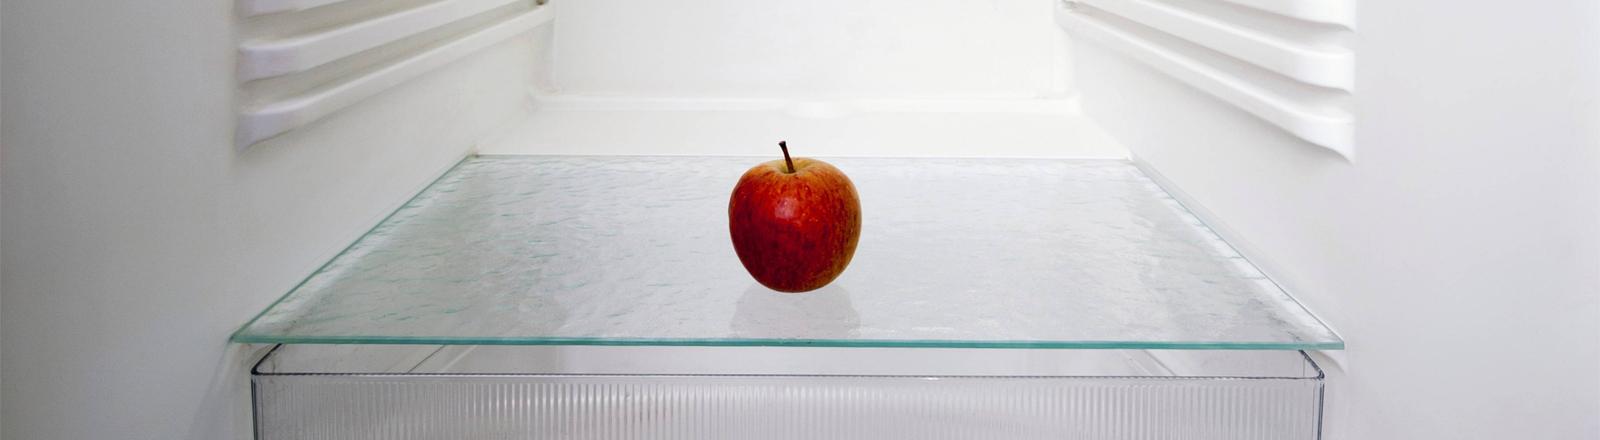 Ein Apfel liegt in leerem Kühlschrank